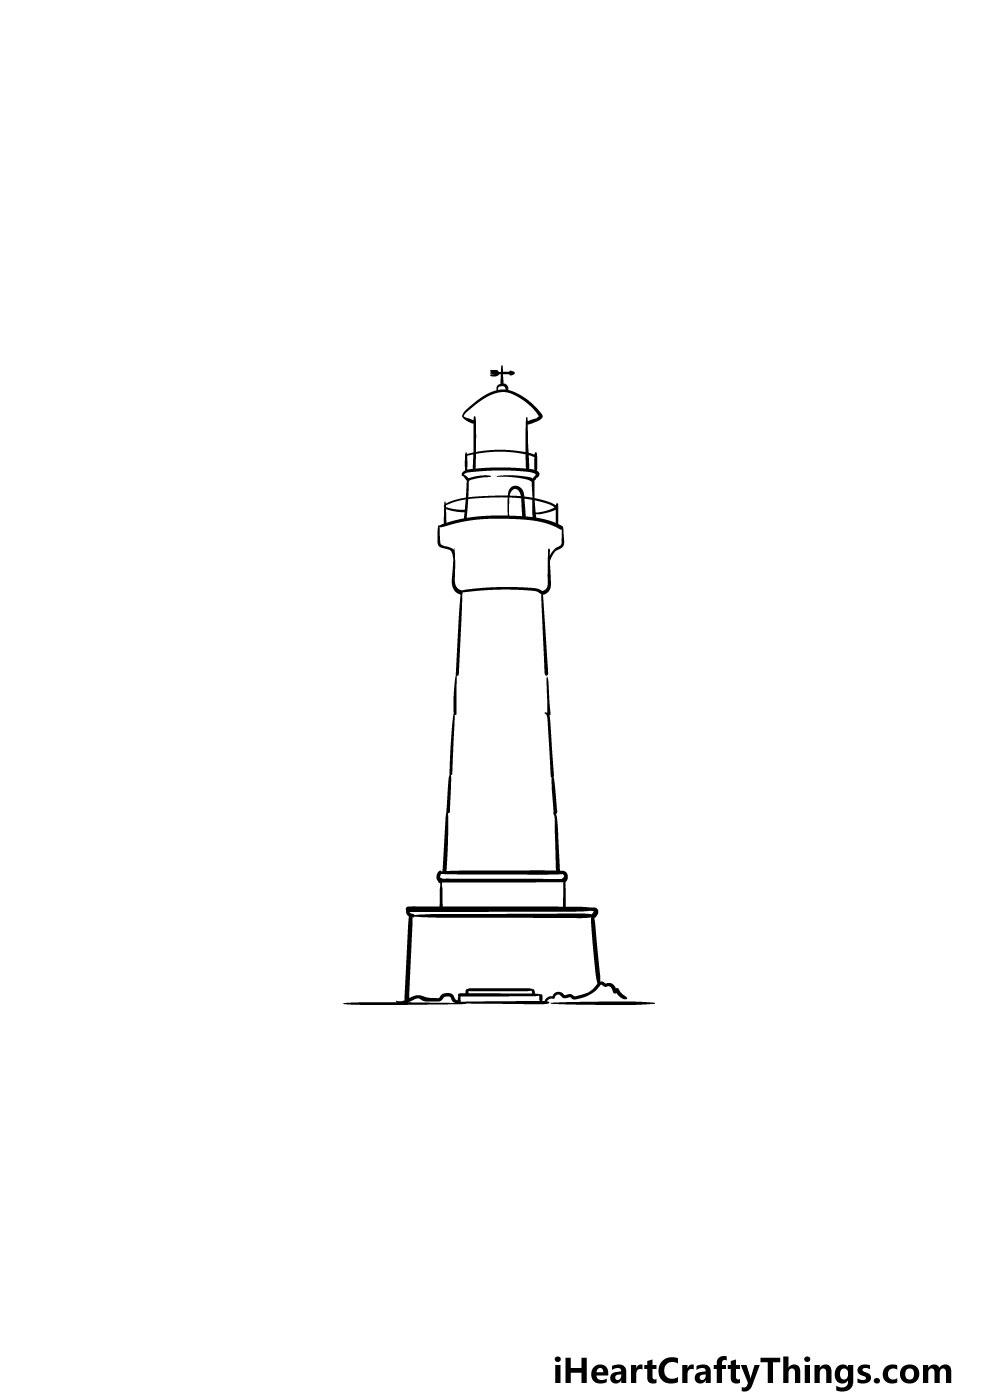 vẽ ngọn hải đăng bước 3